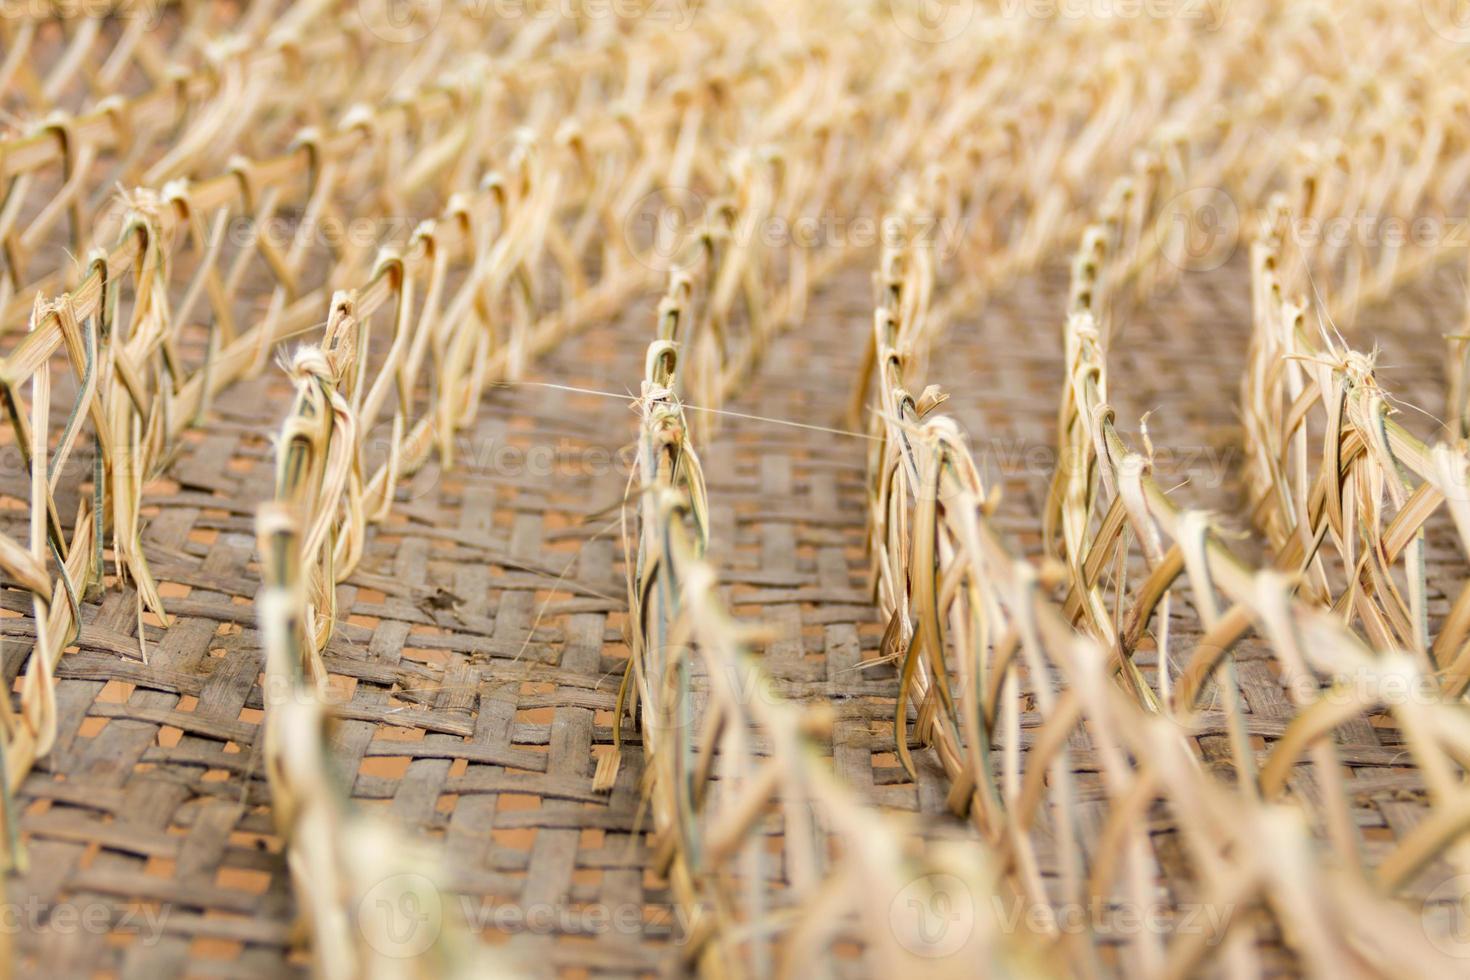 rij bamboe geweven, een wormencocons mand foto